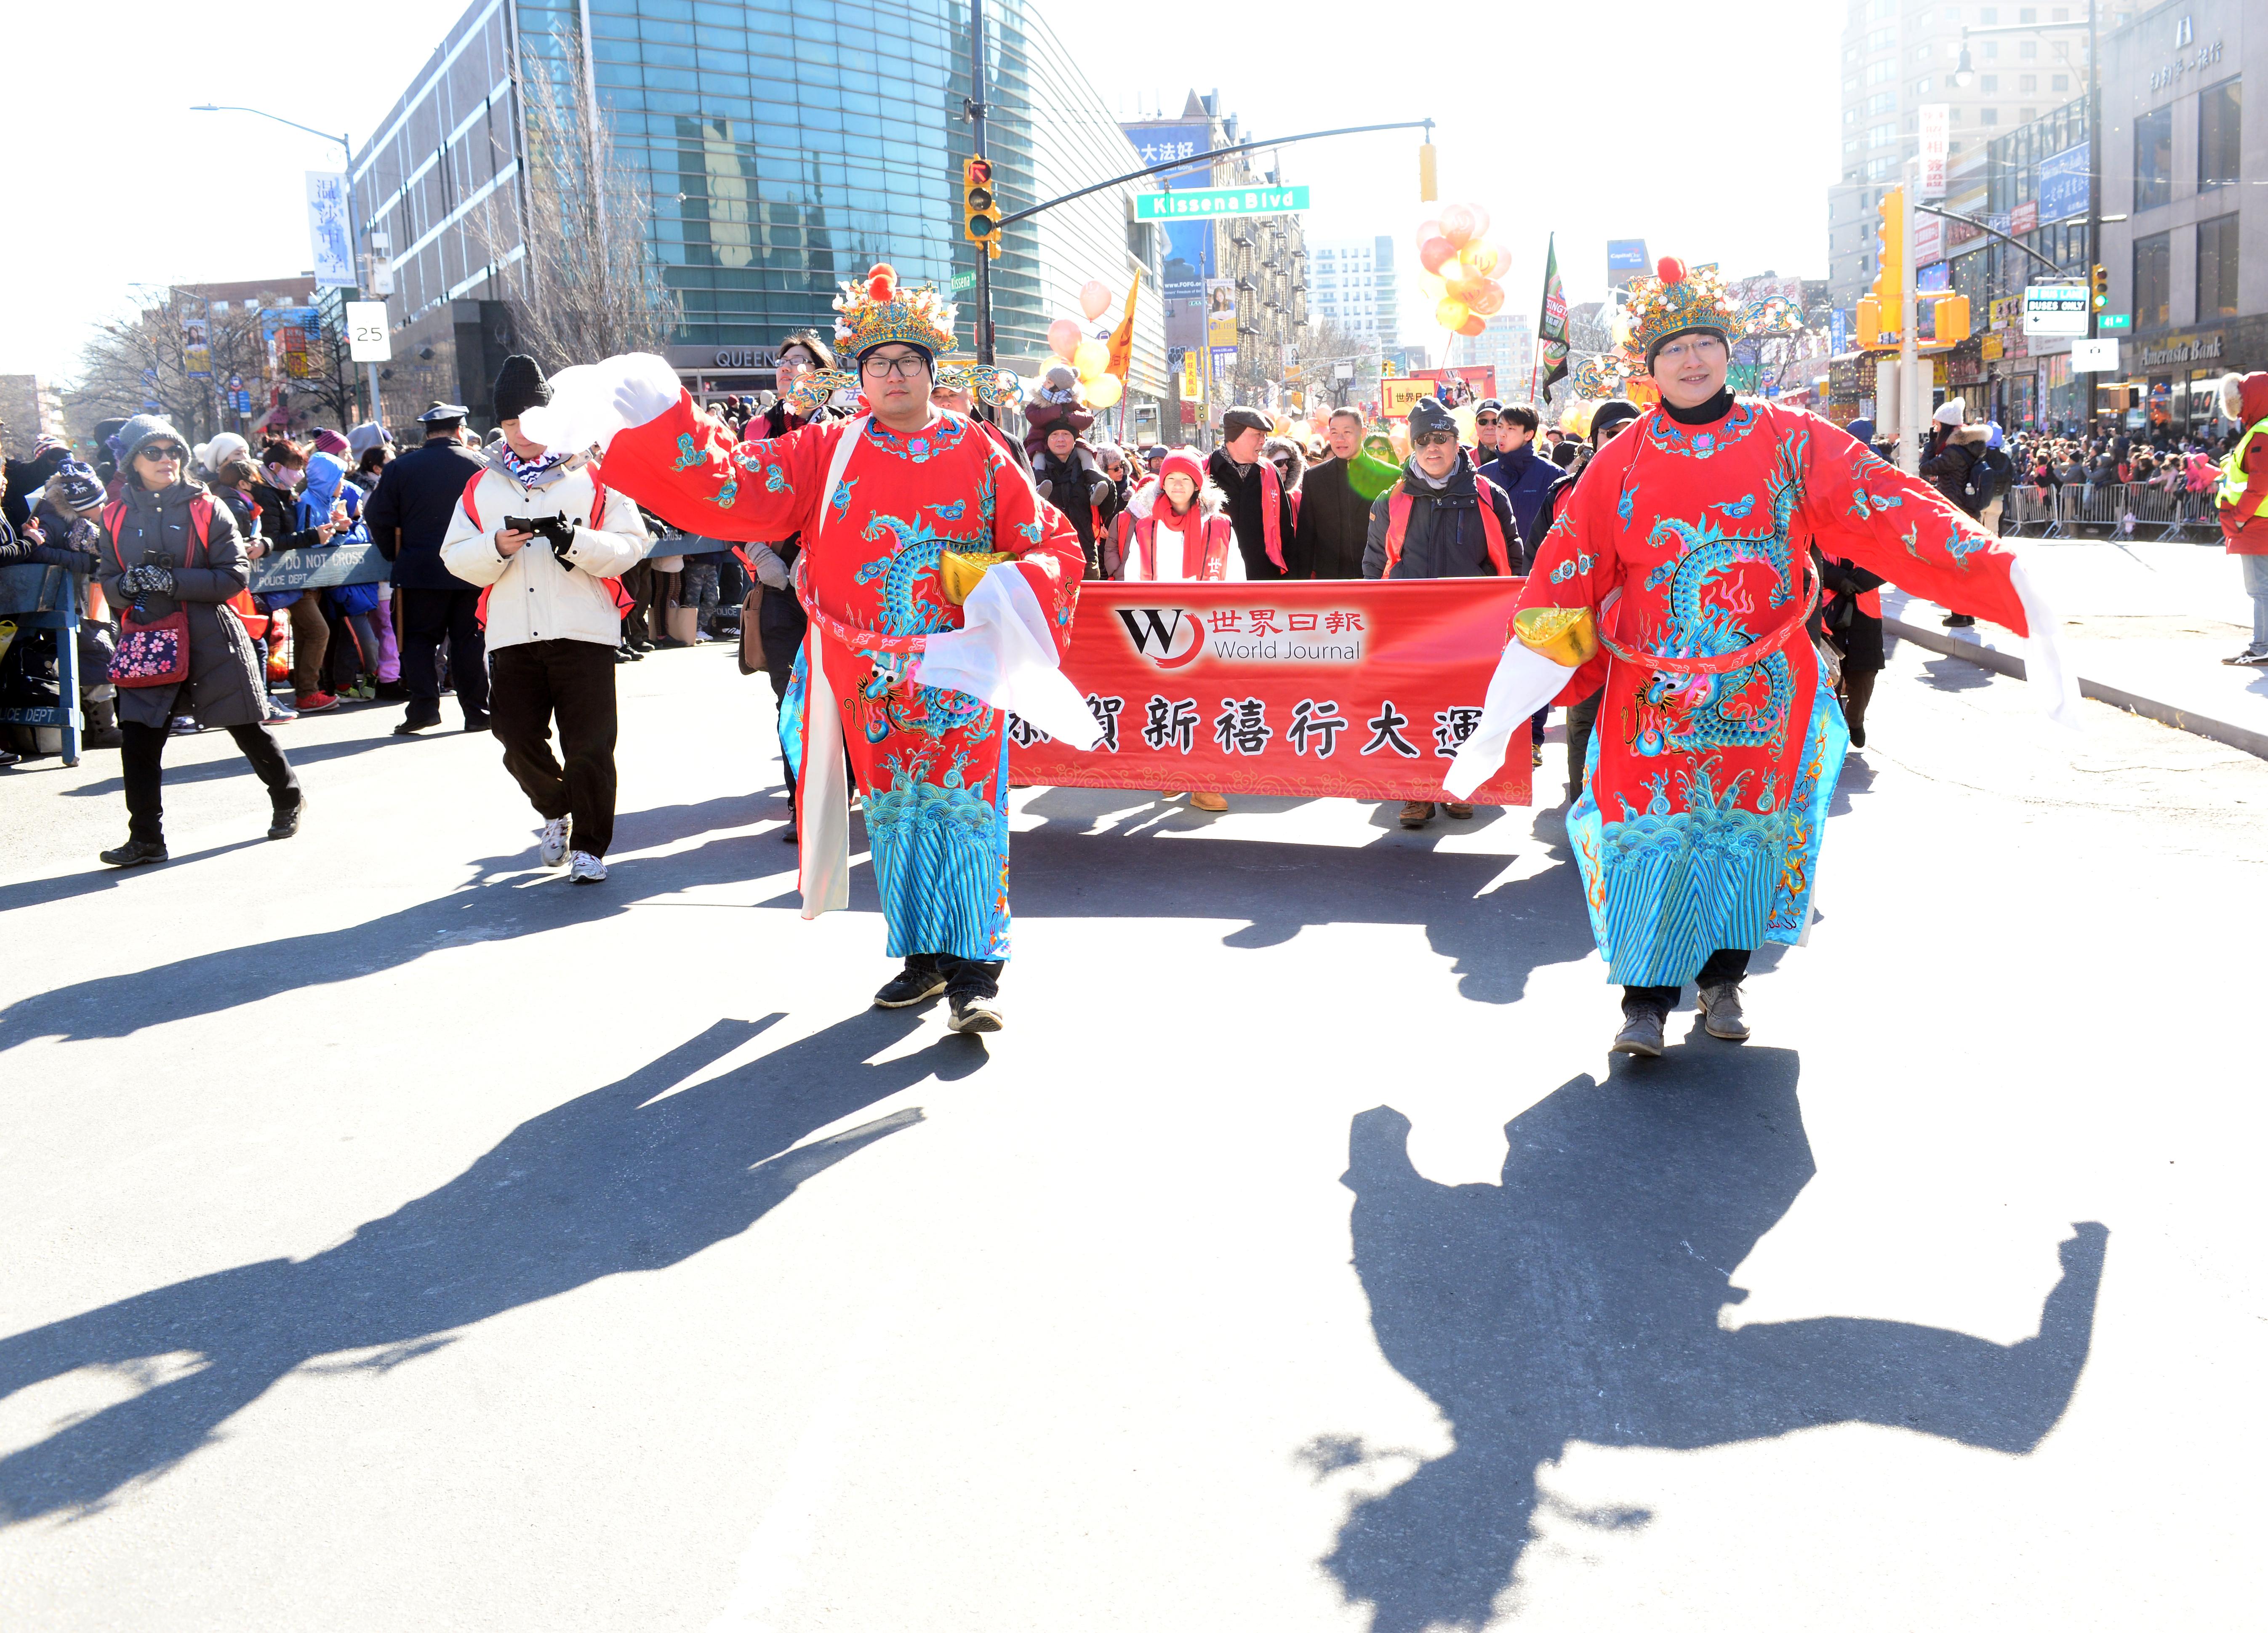 2017年法拉盛新春遊行世界日報隊伍中的財神